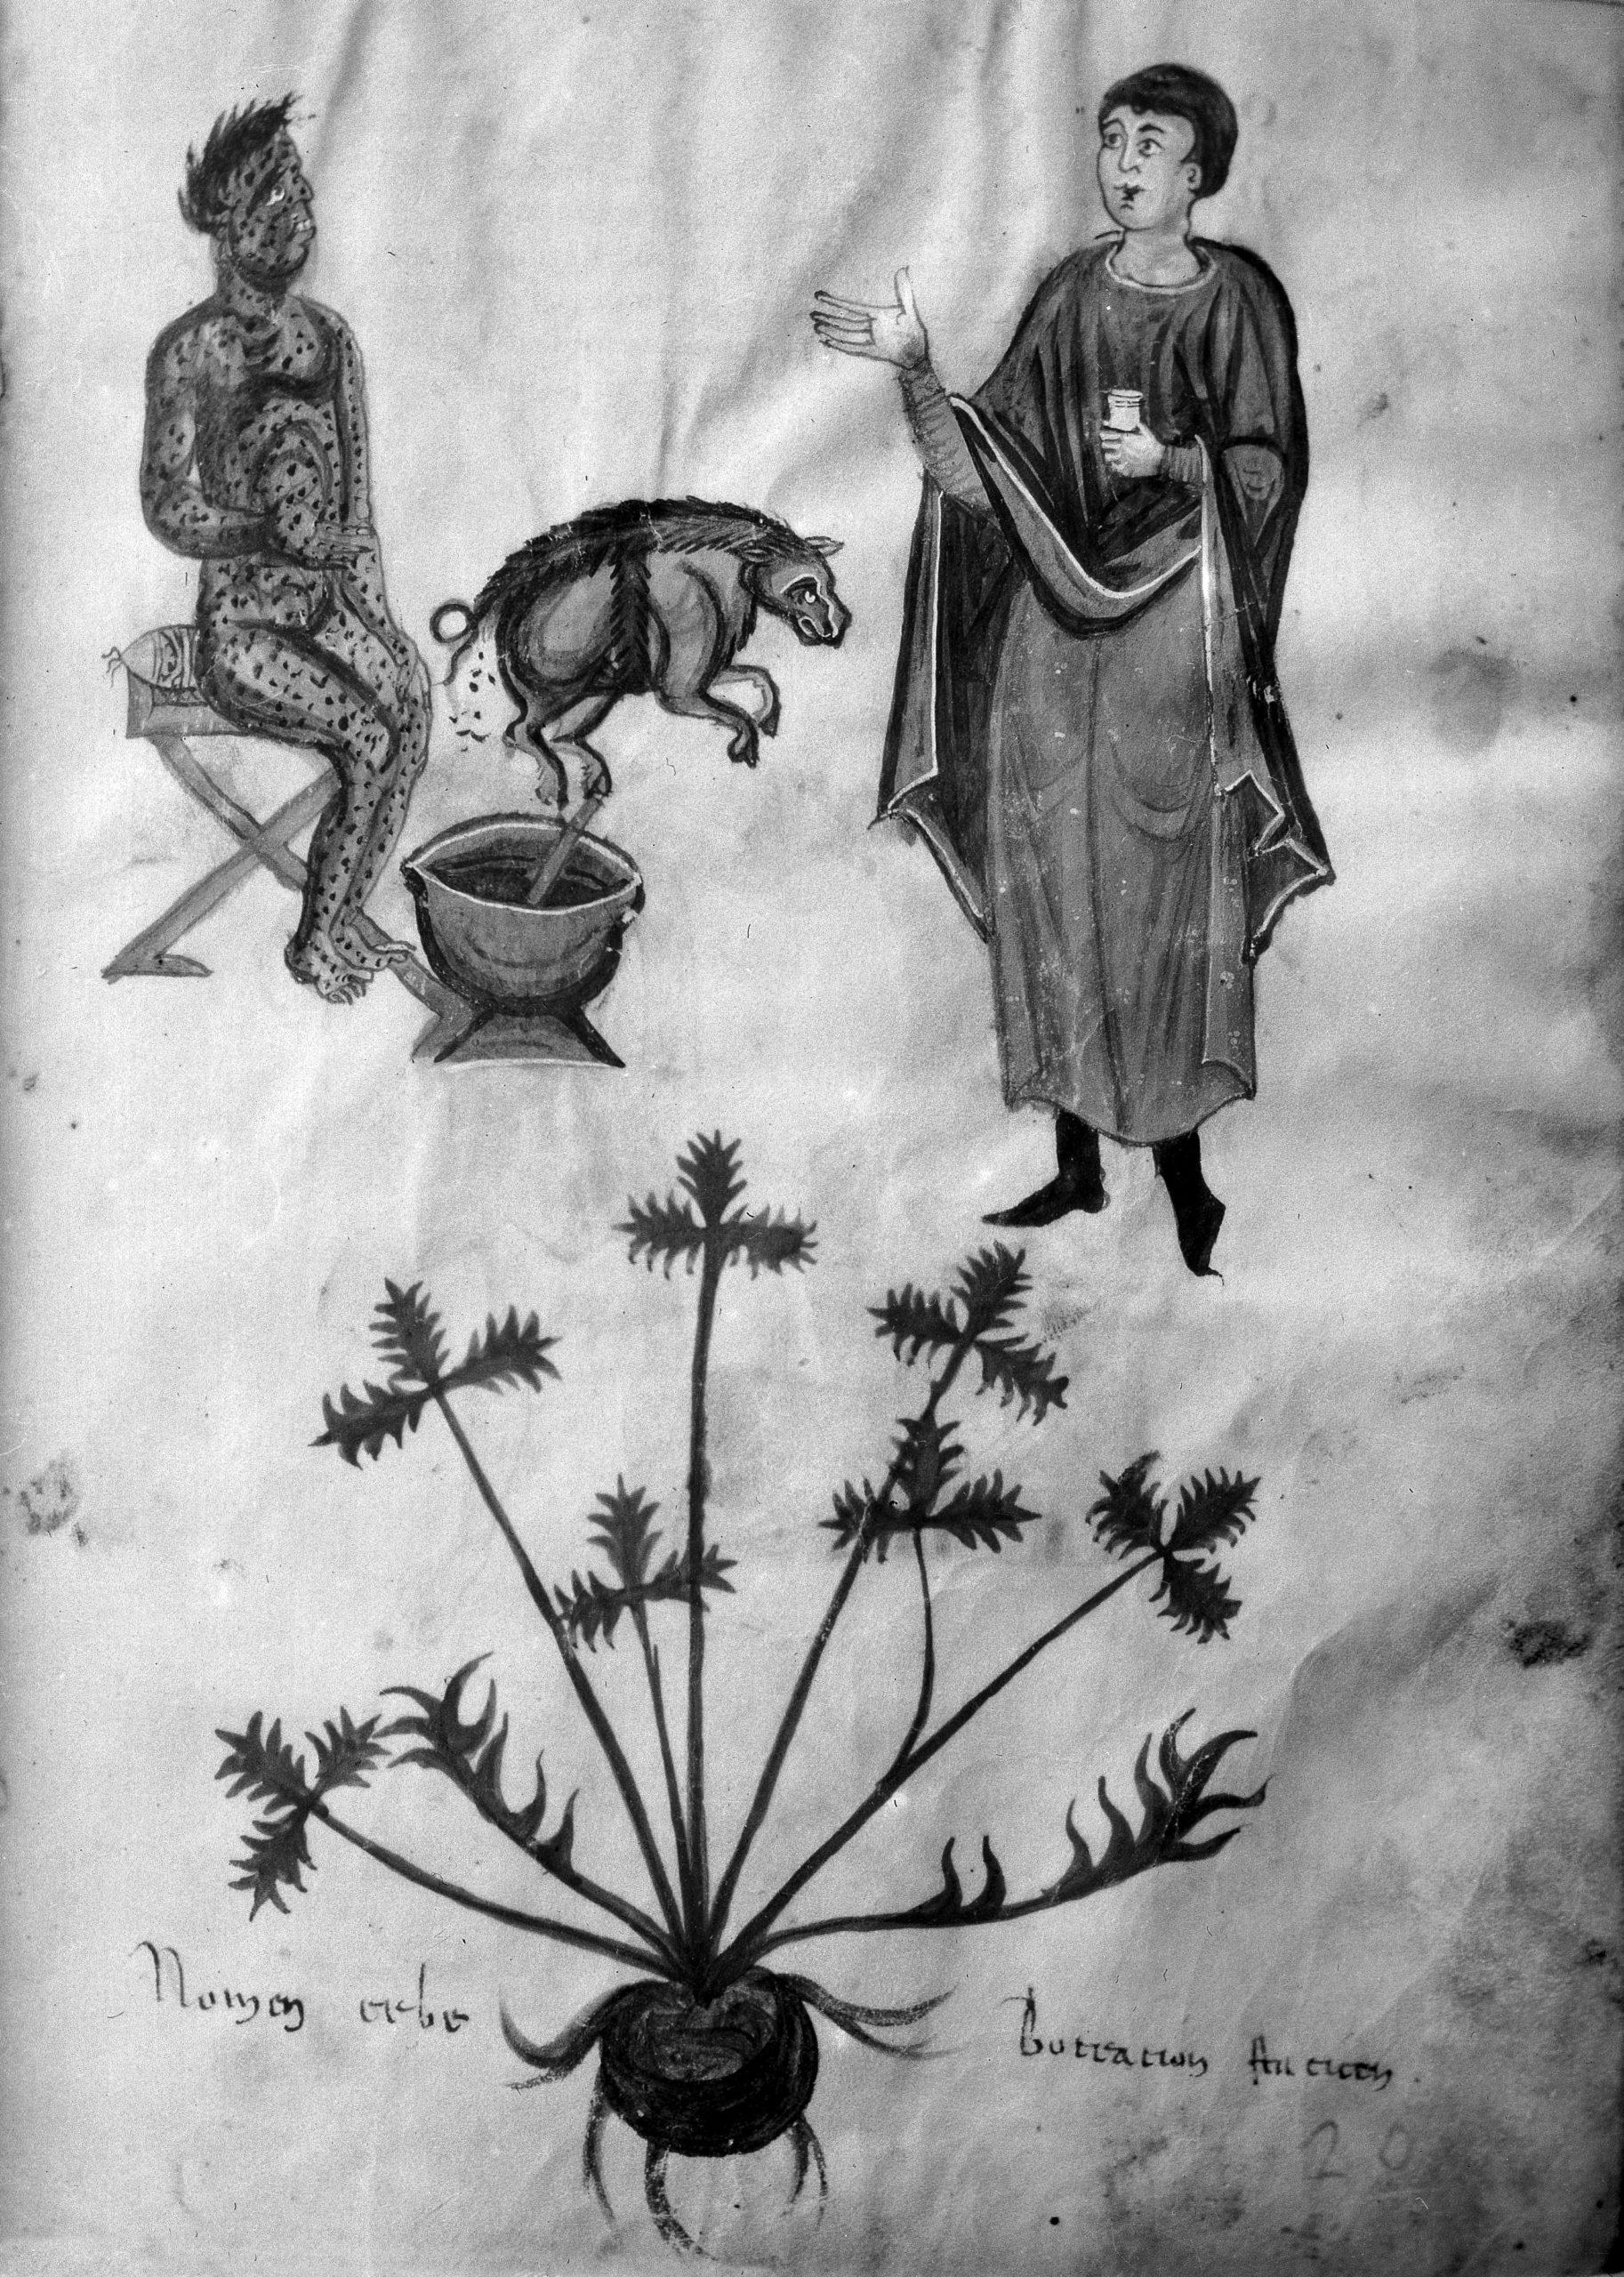 從中世紀教會聖火病洞見美國萊豬(瘦肉精)強迫推銷台灣 Victim of St Anthonys Fire Below the herb prescribed scaled